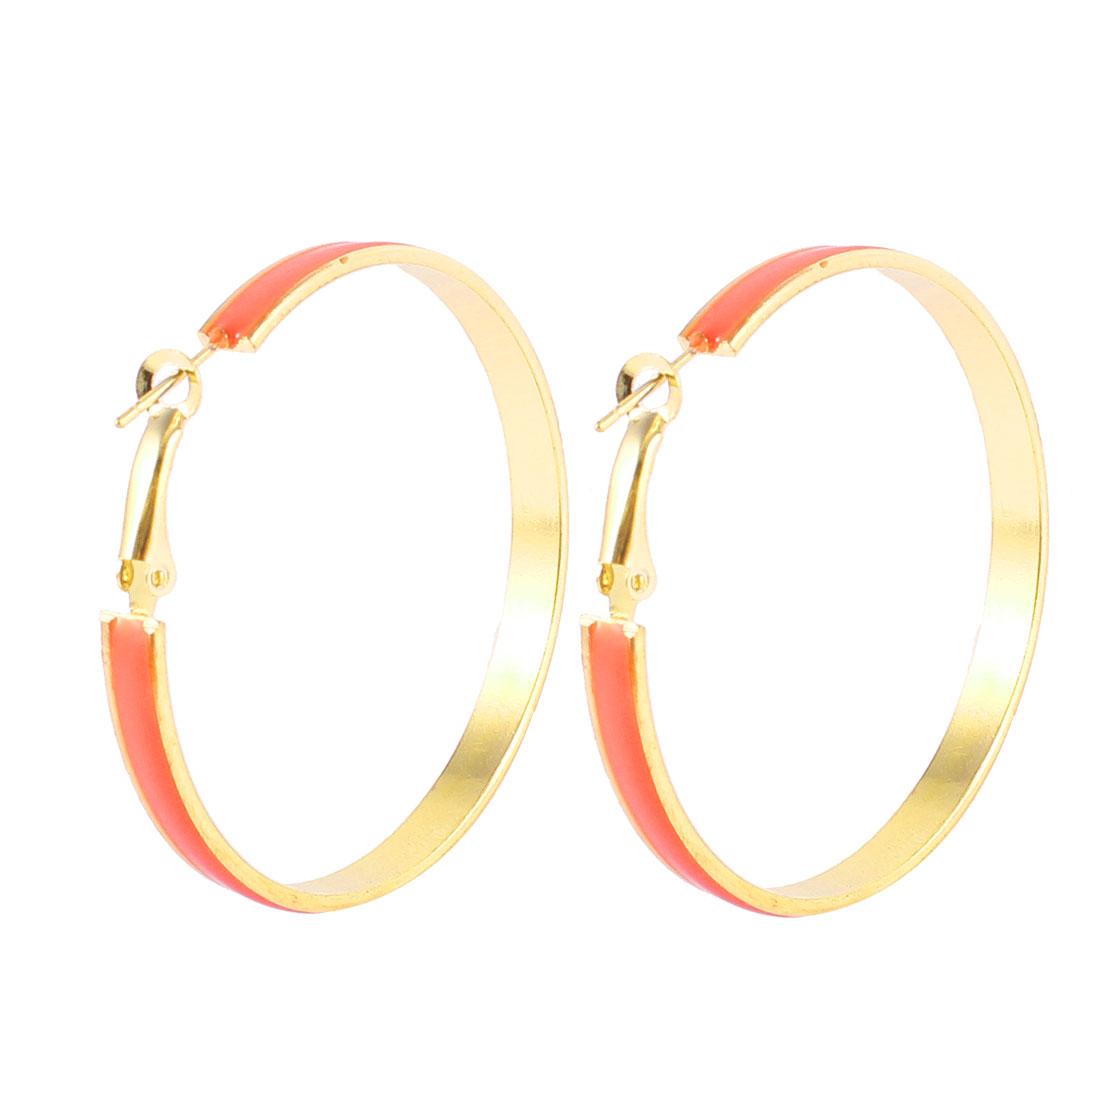 Ladies 5CM Dia Metal Hoop Earrings Eardrop Orange Gold Tone Pair